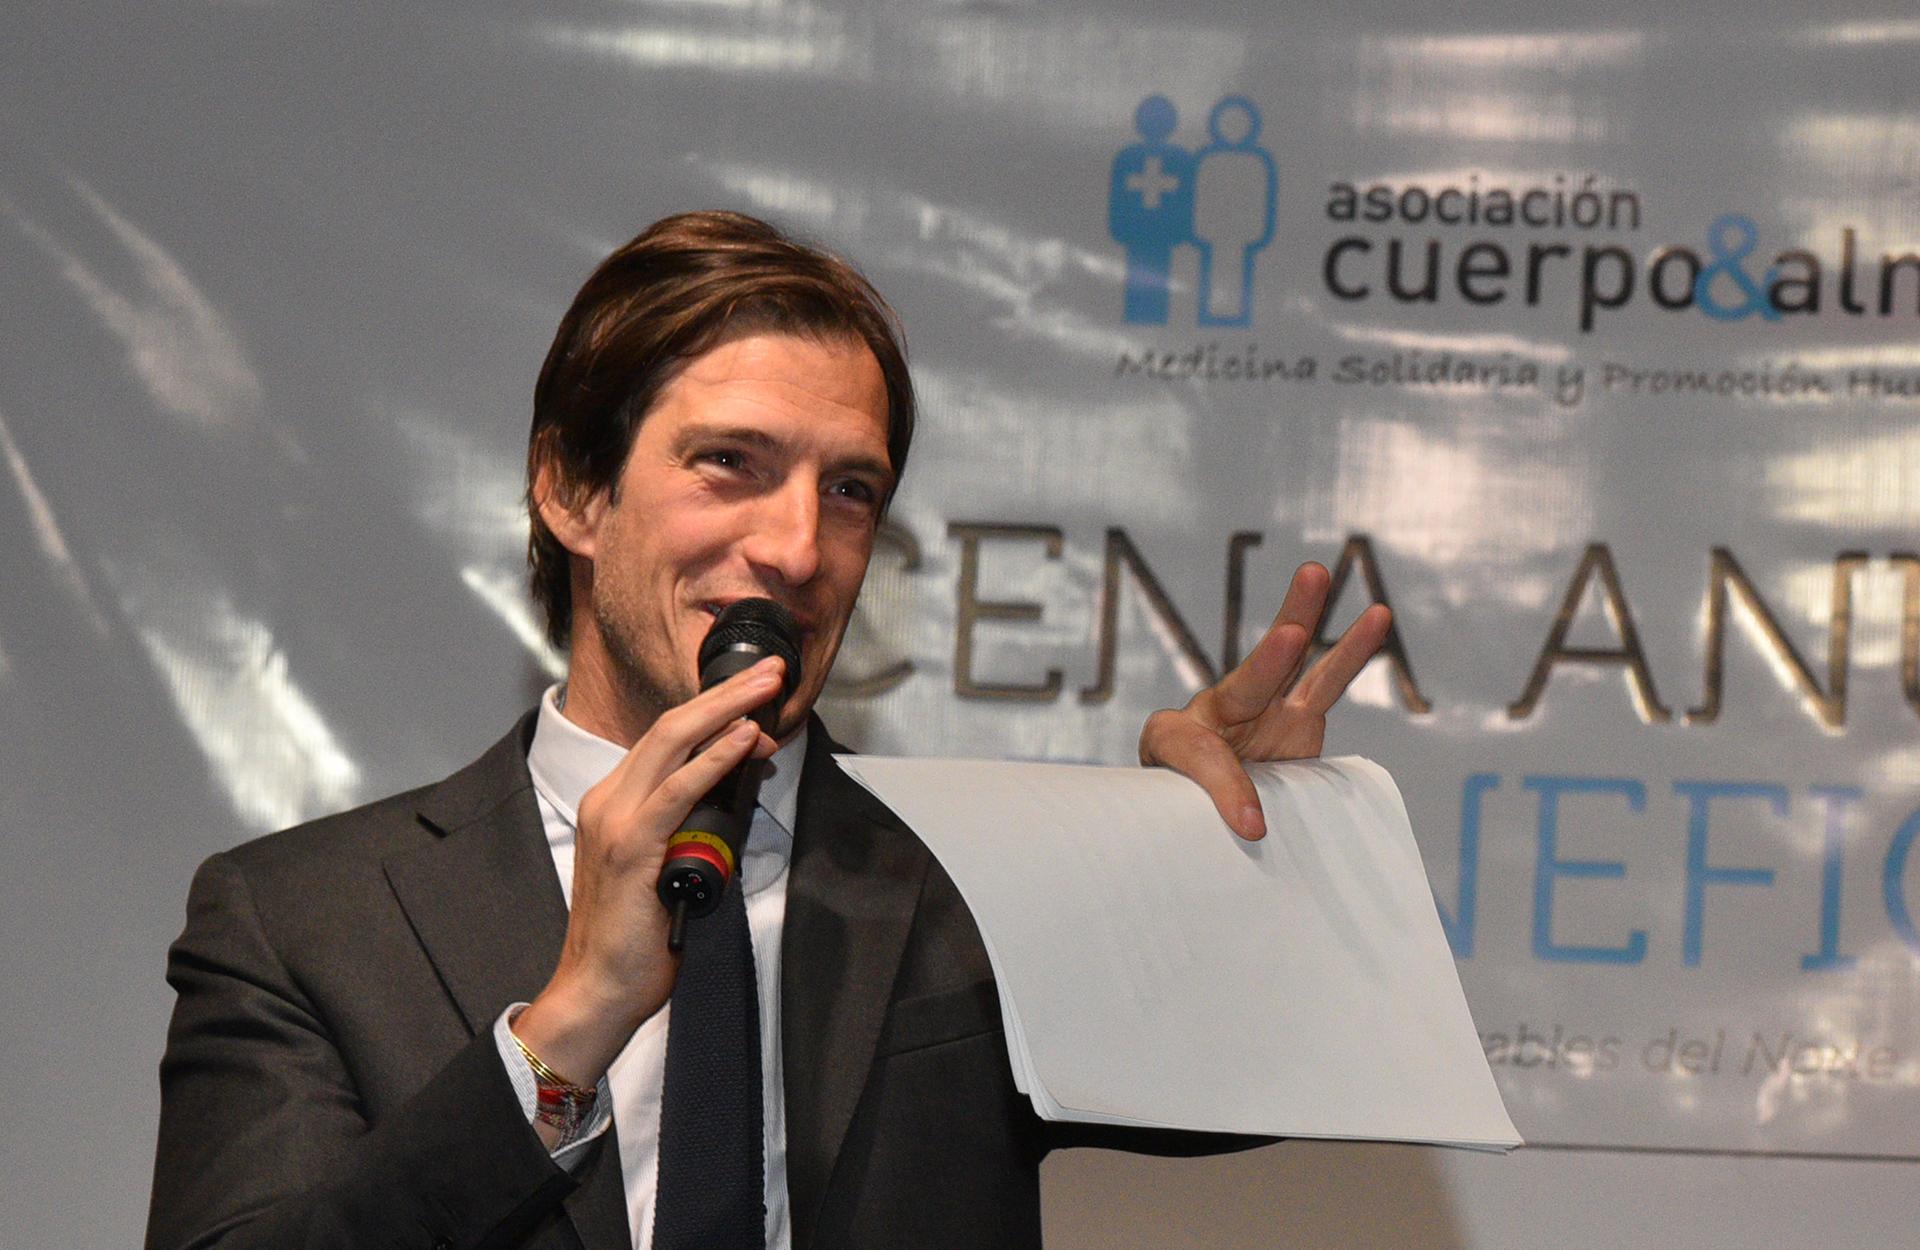 """Iván de Pineda estuvo a cargo de la subasta solidaria, en la que se remataron distintos lotes a total beneficio de """"Cuerpo & Alma"""""""